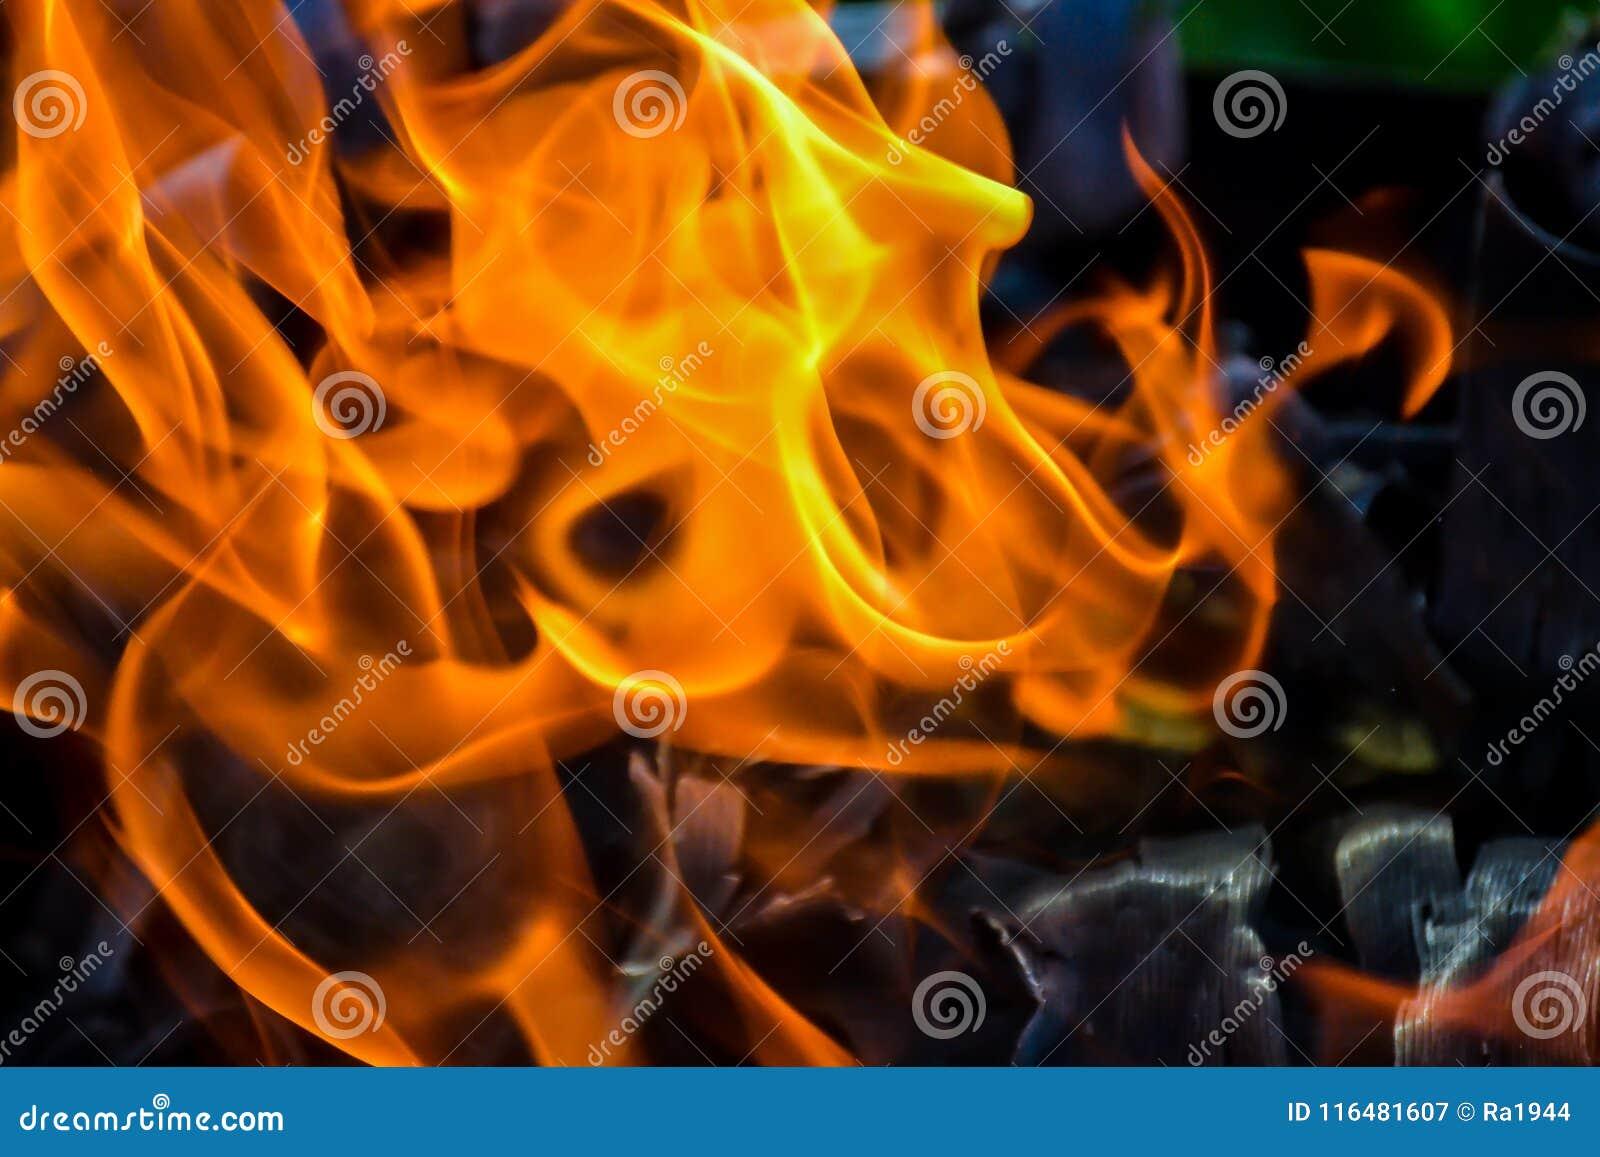 Abstrakter Hintergrund des Feuers, Kohlen, Flammen und Elemente der Asche sich verdrehen